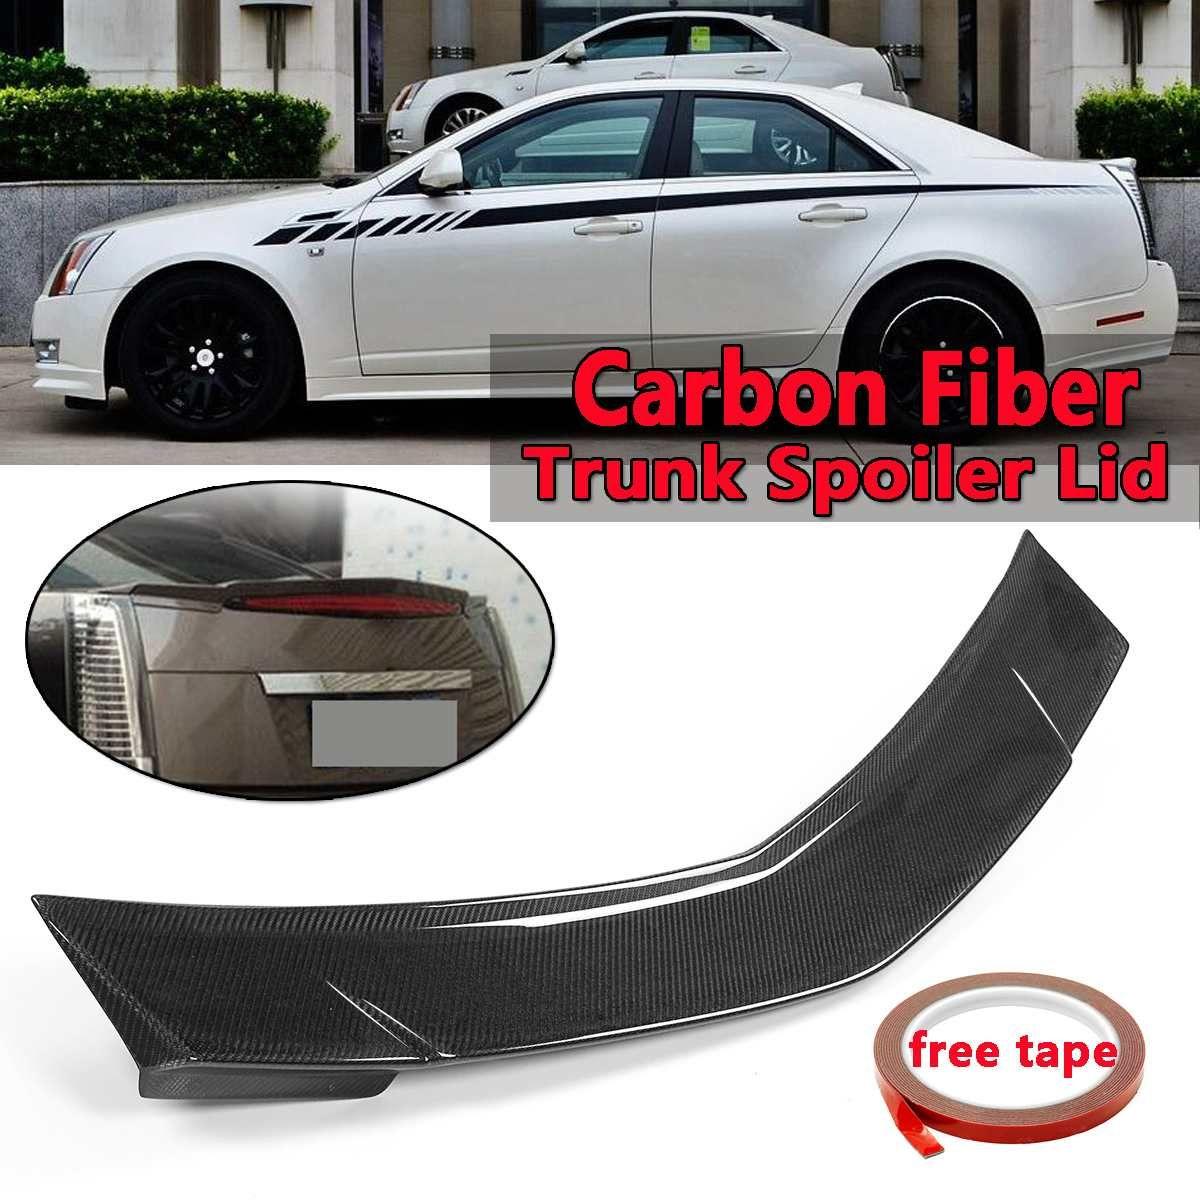 Auto Real Carbon Fiber Hinten Stamm Spoiler Deckel Flügel Für Cadillac CTS Limousine 2008-2013 Hinten Flügel Spoiler Hinten stamm Dach Flügel